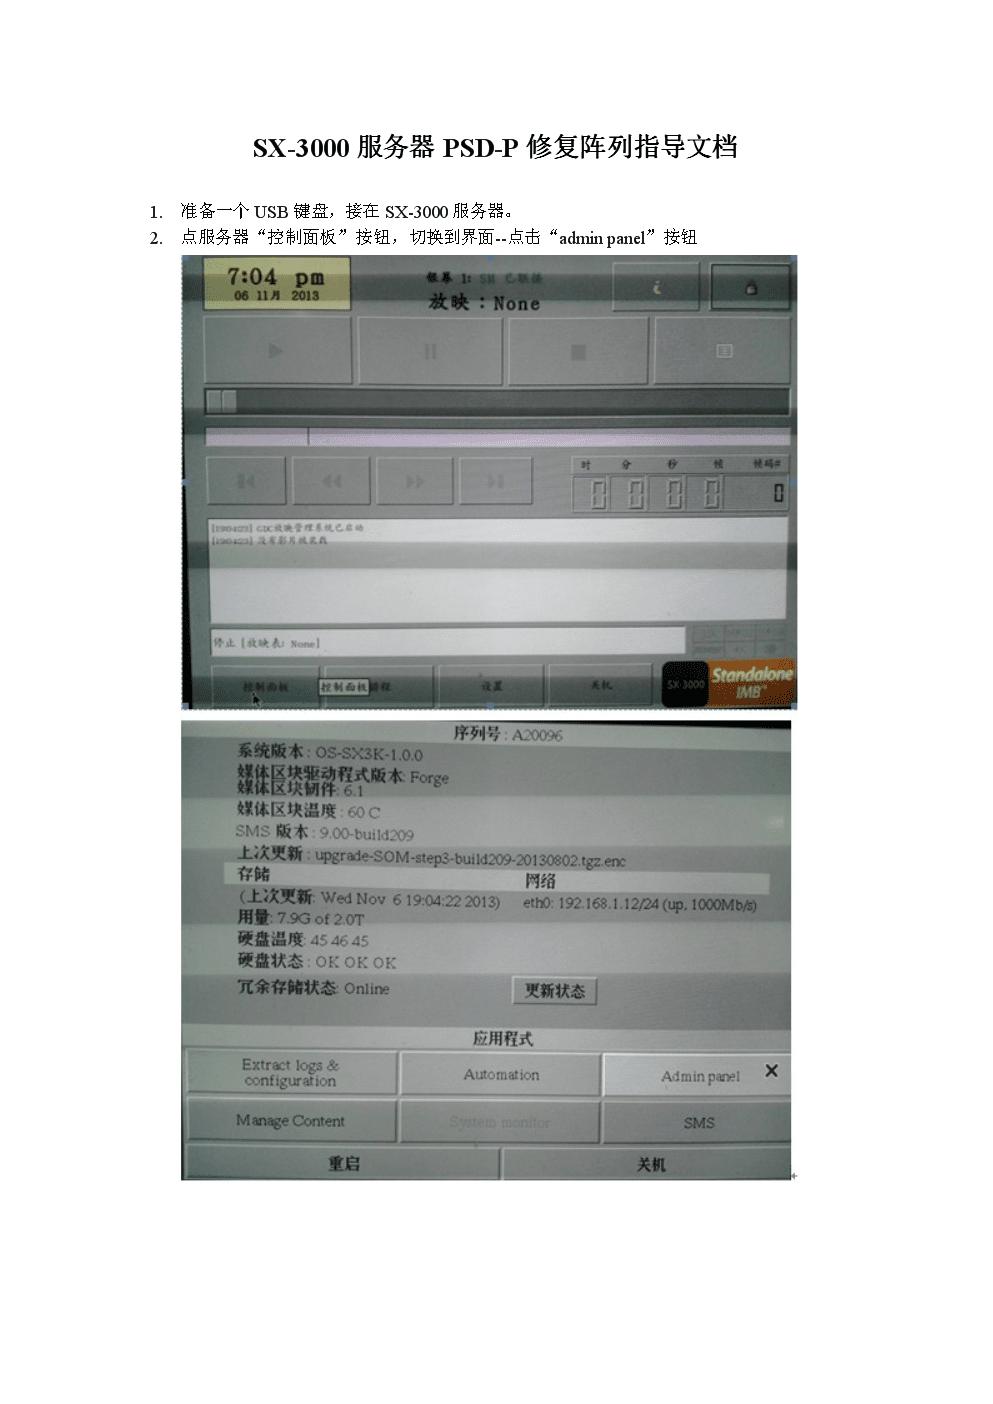 SX-3000服务器PSD-P修复阵列指导文档.doc